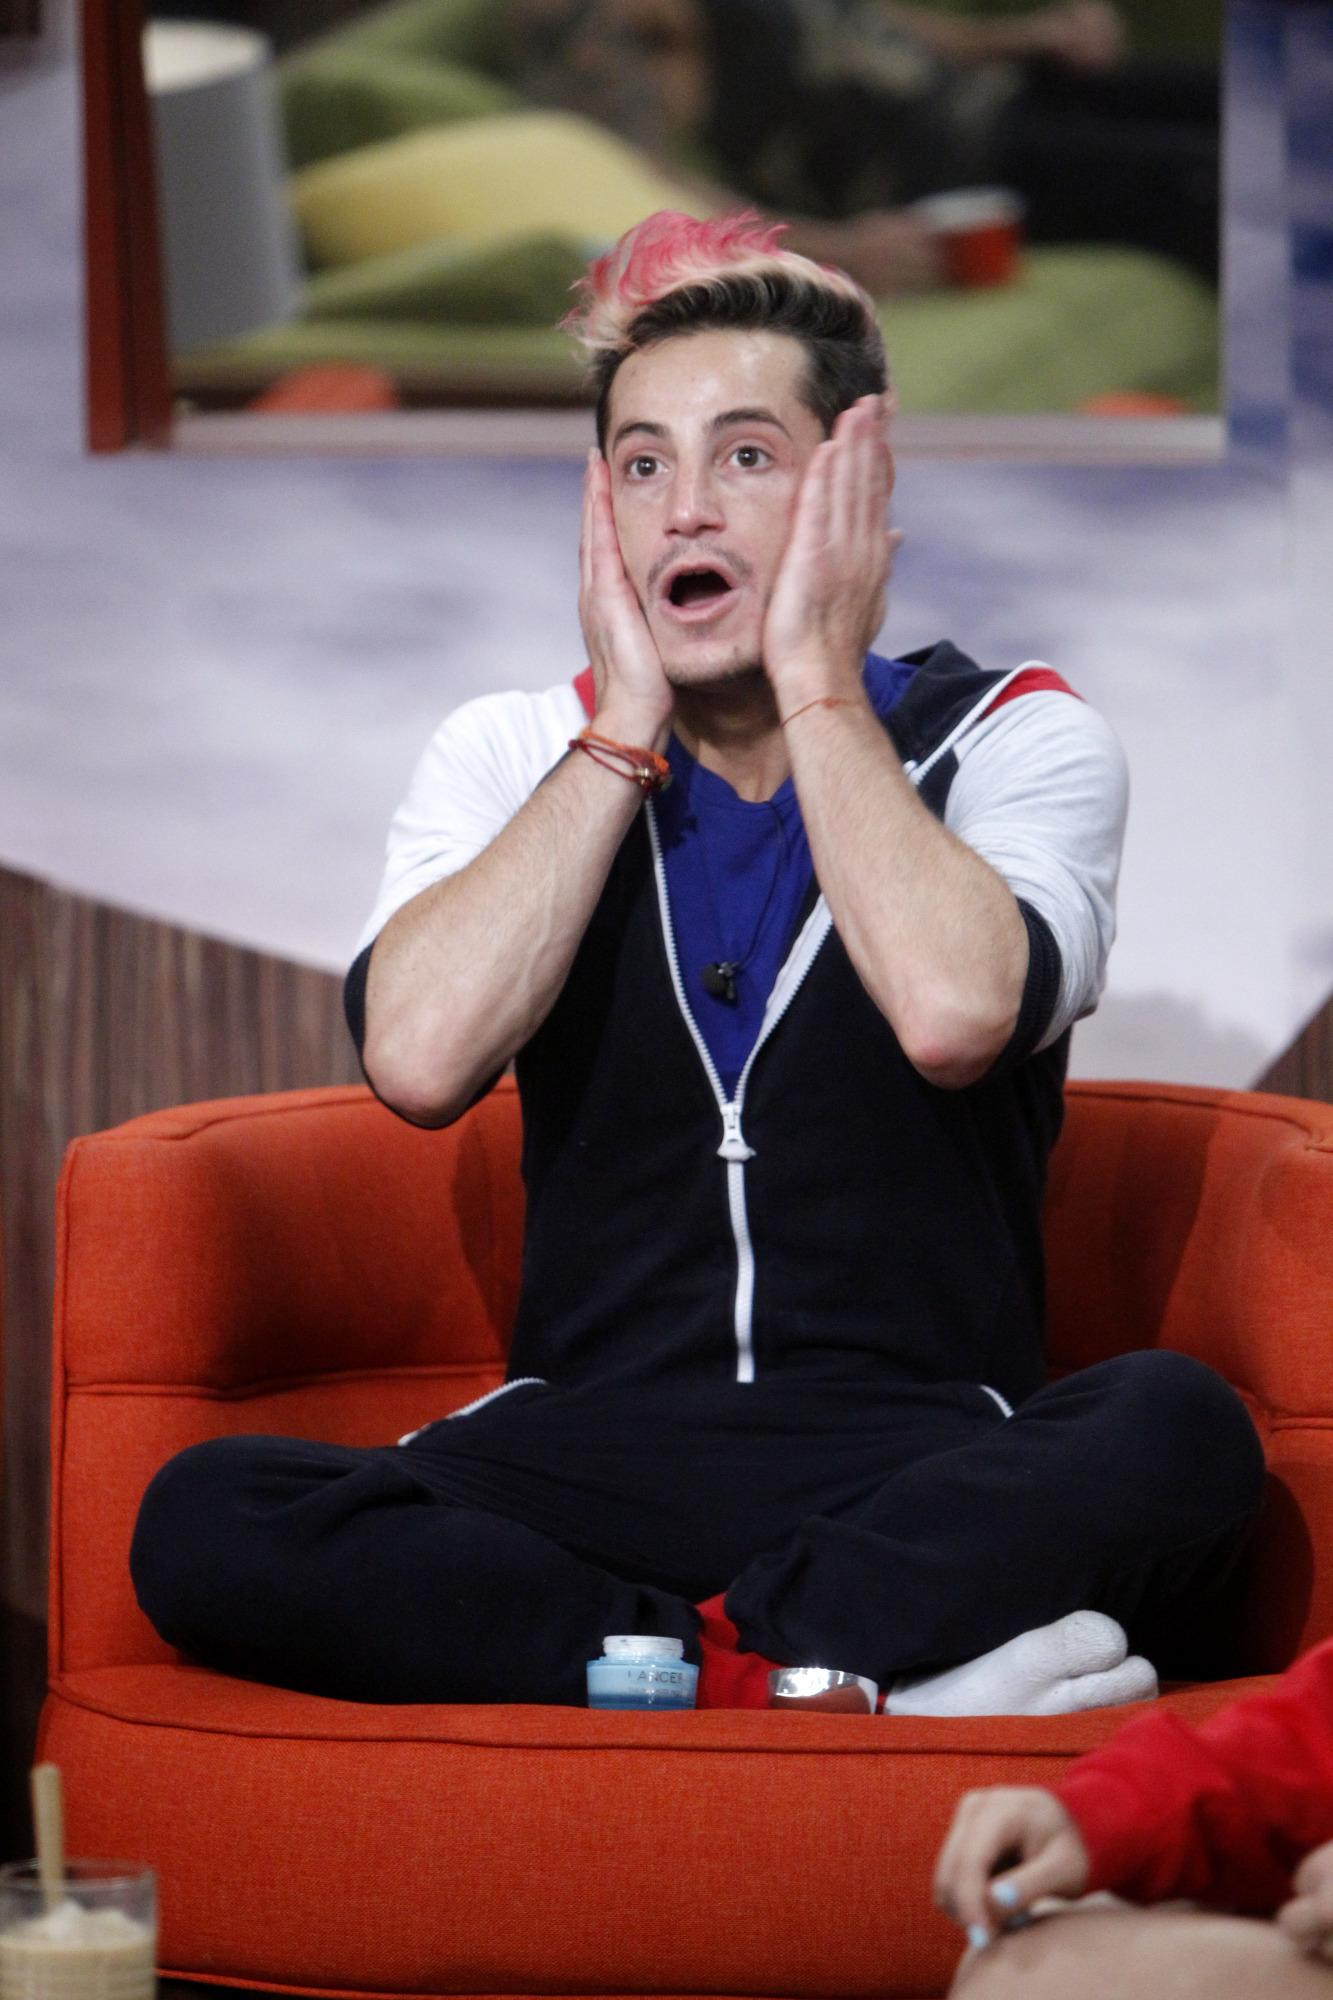 Frankie is shocked